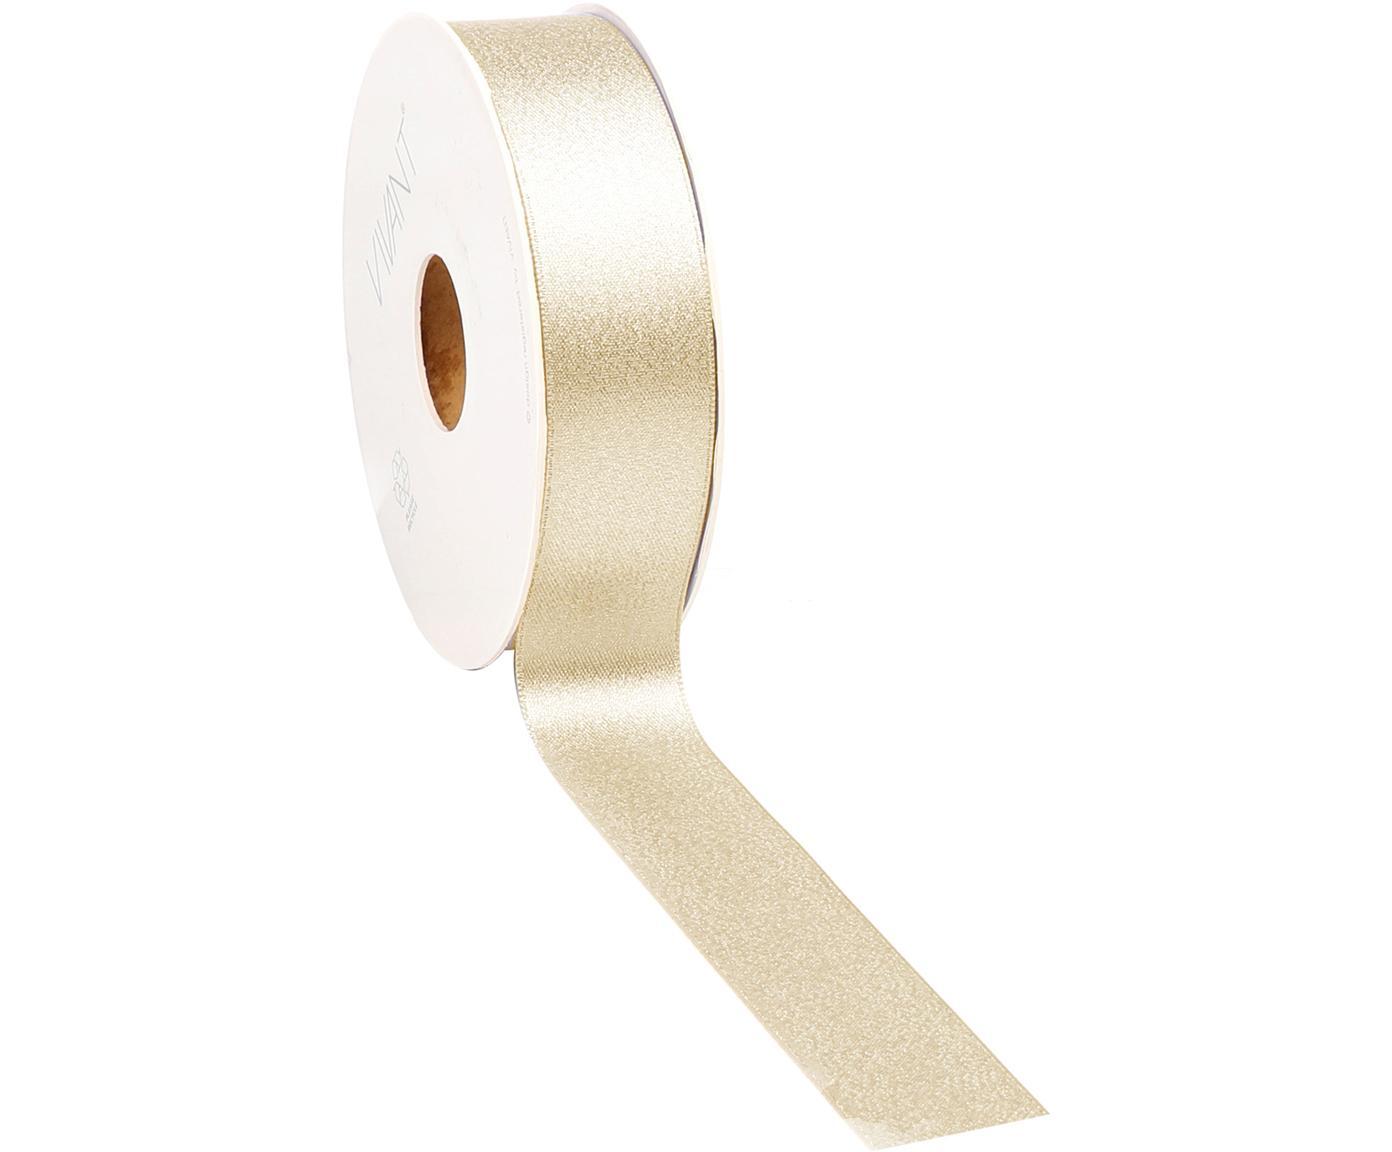 Wstążka prezentowa Victoria, Poliester, Odcienie złotego, S 3 x D 2000 cm